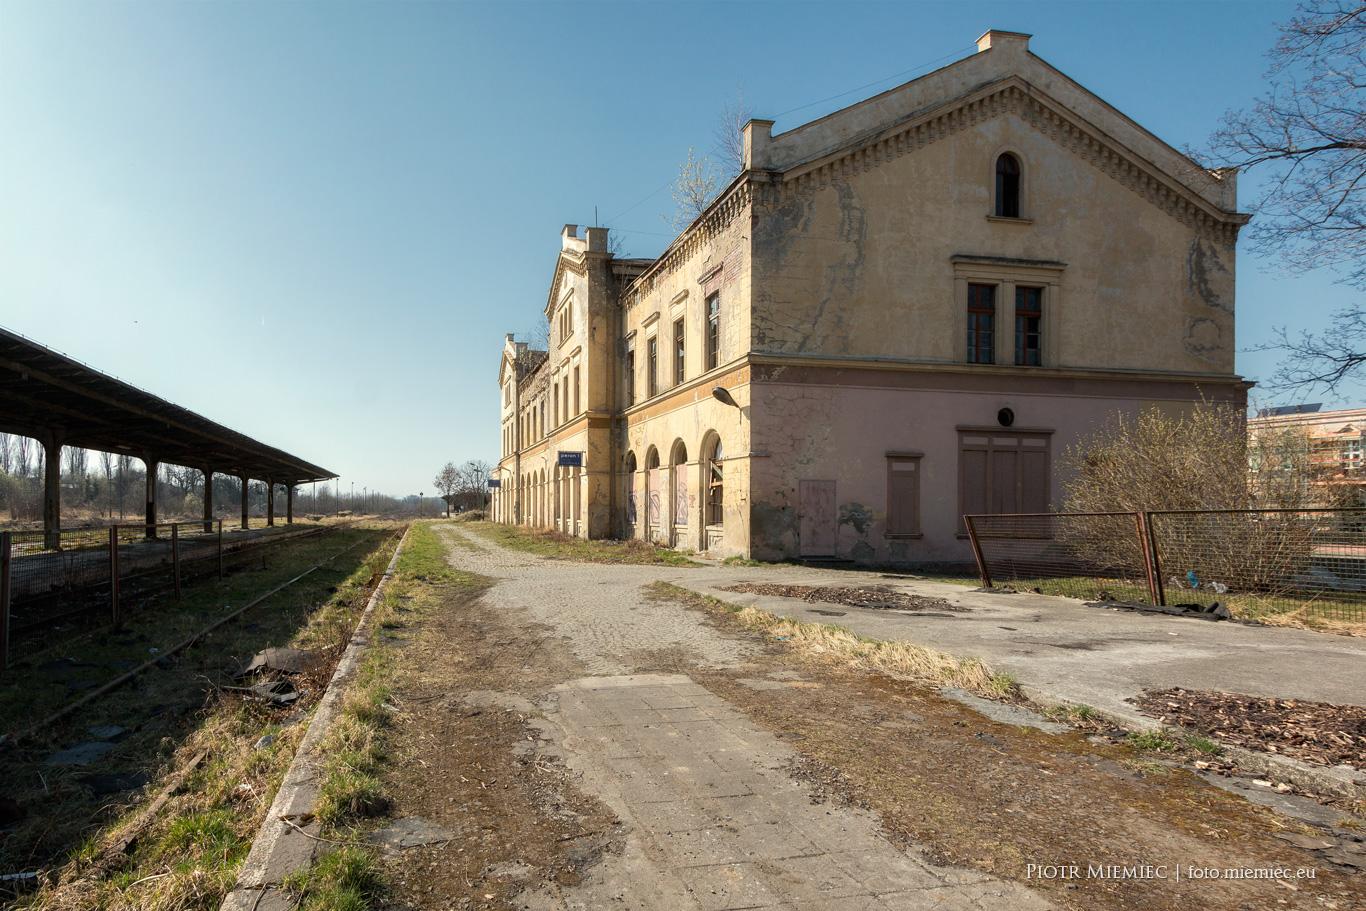 Dworzec kolejowy w Głubczycach – kwiecień 2018